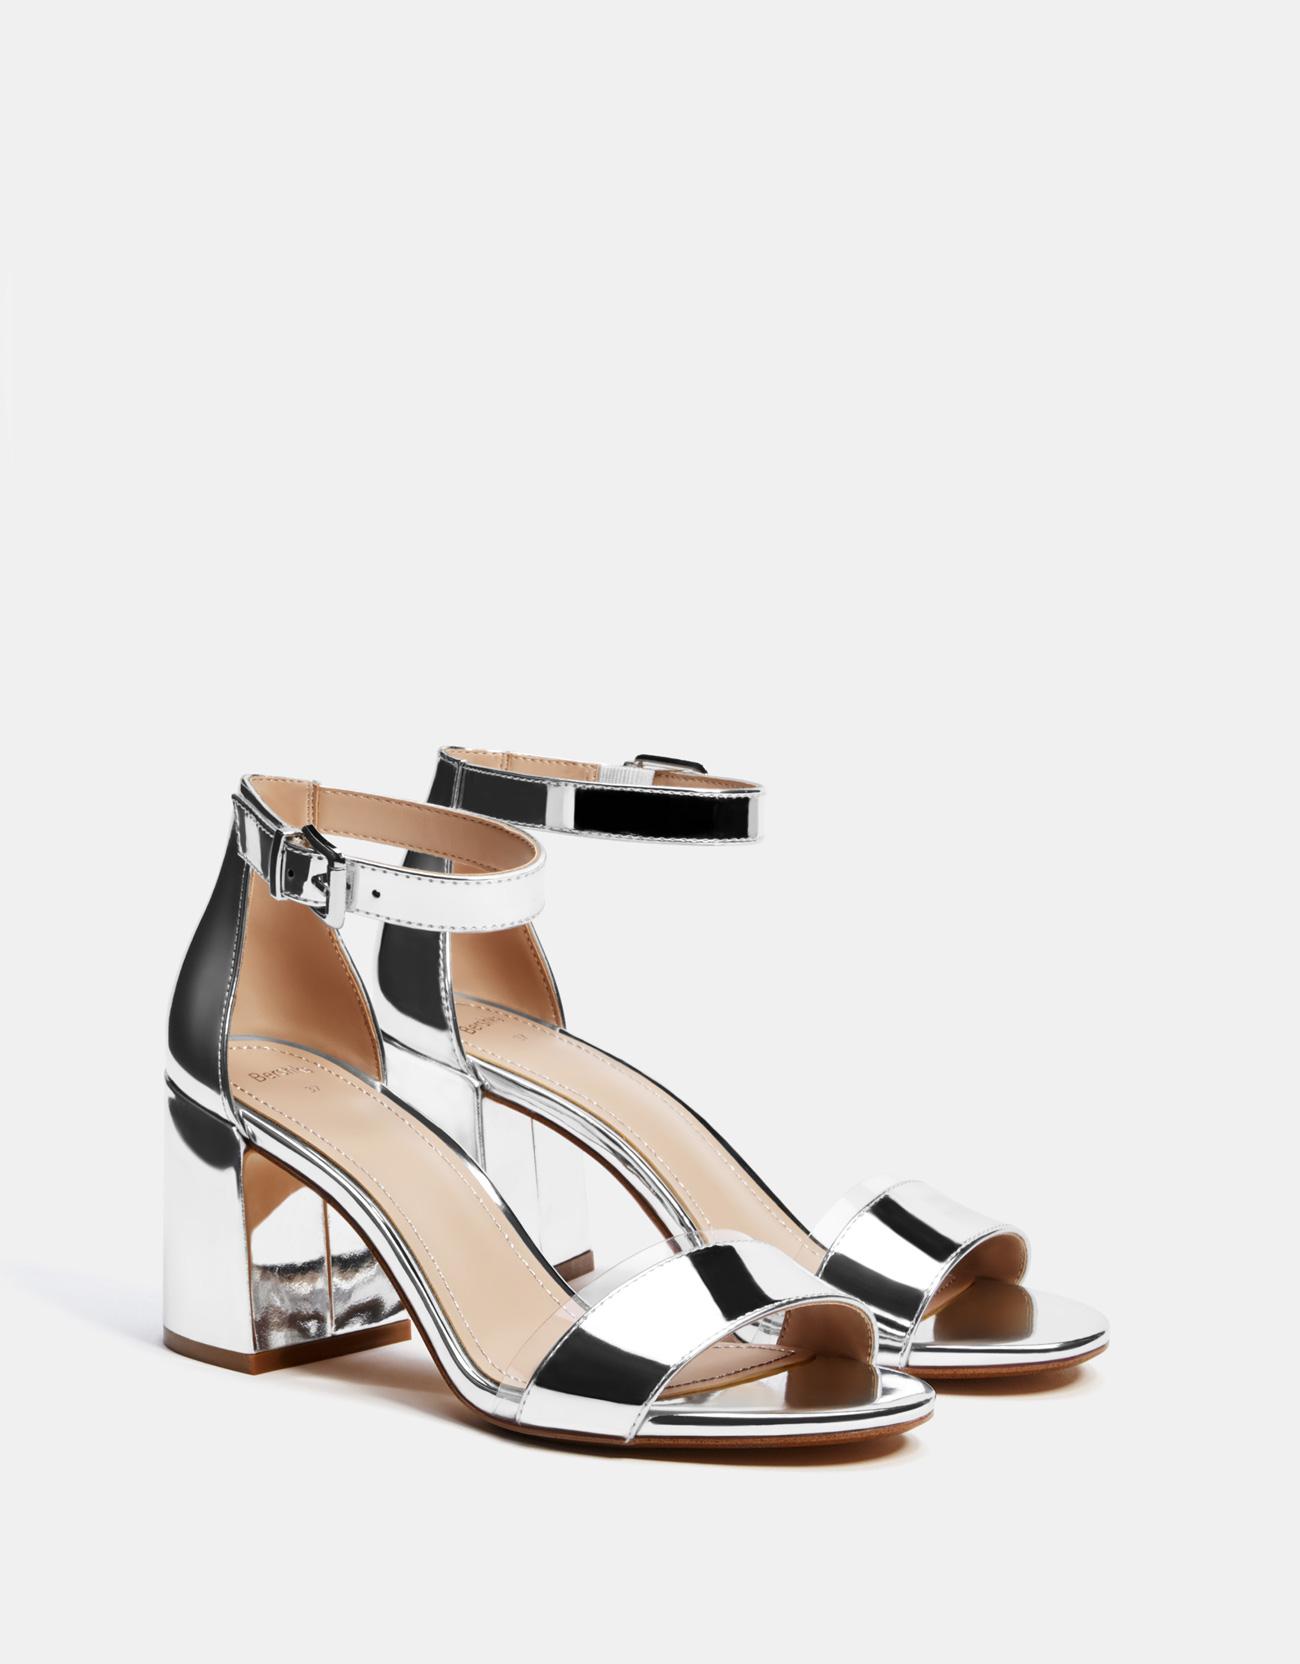 Sandale mit metallischem Vinyl-Absatz